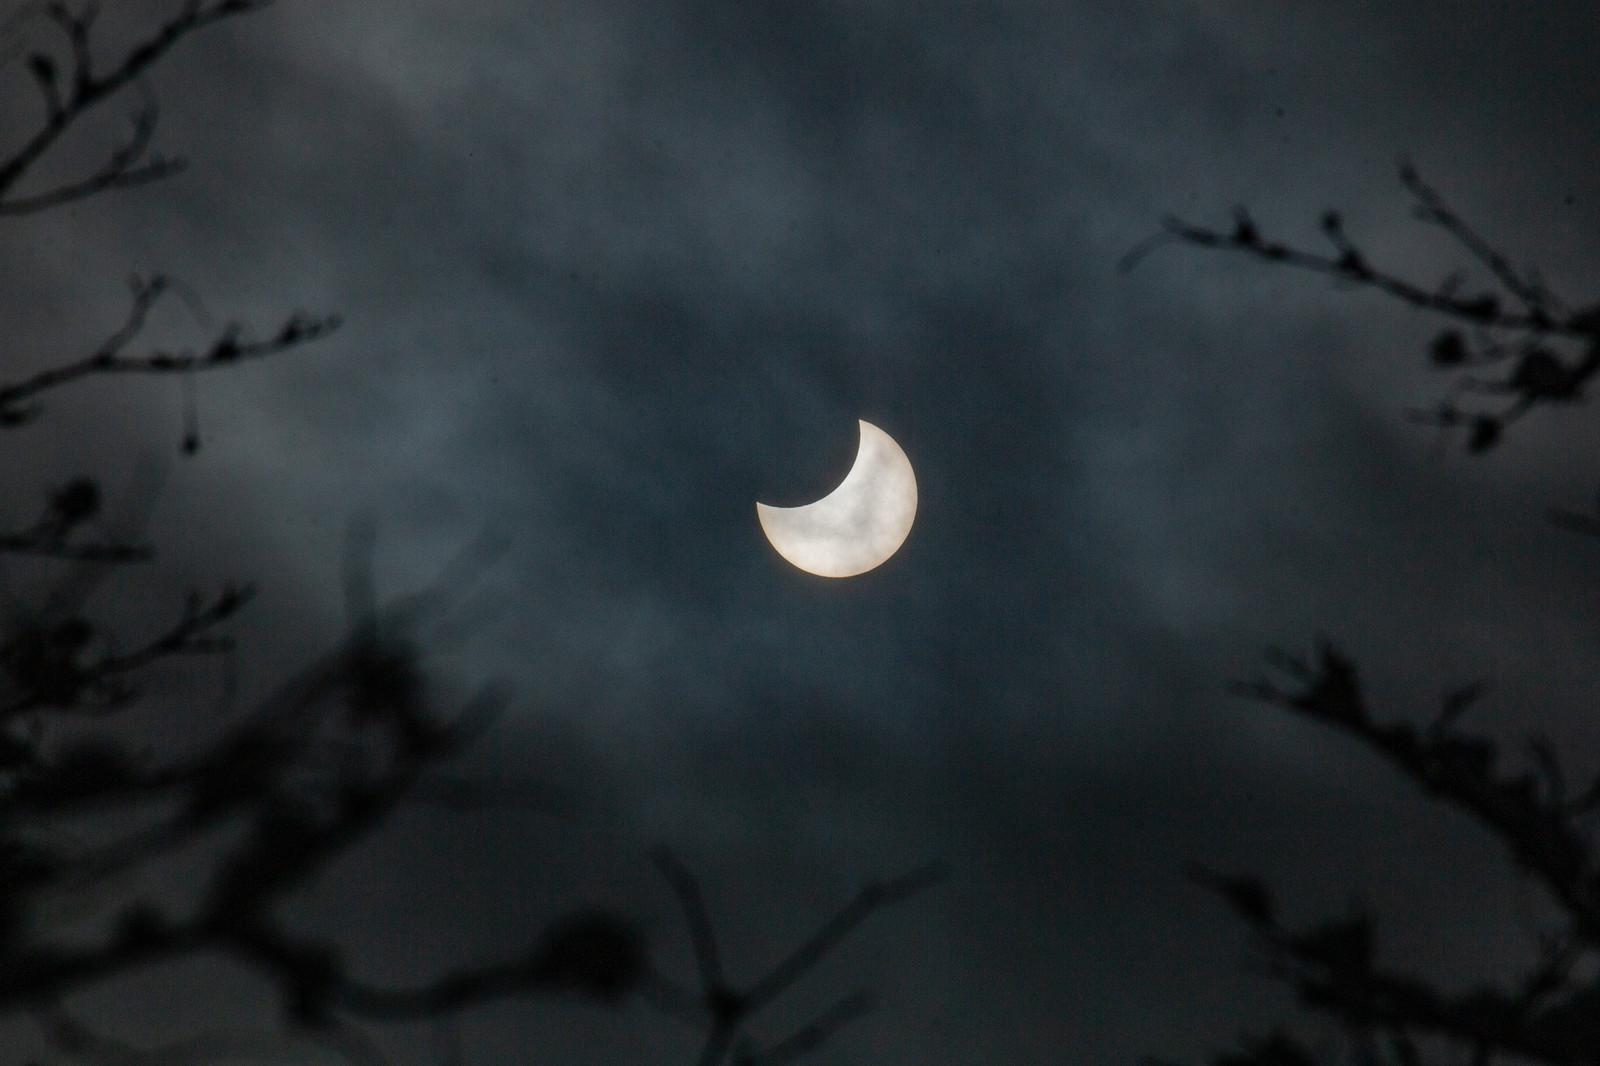 【2021年】日食・月食の日時情報